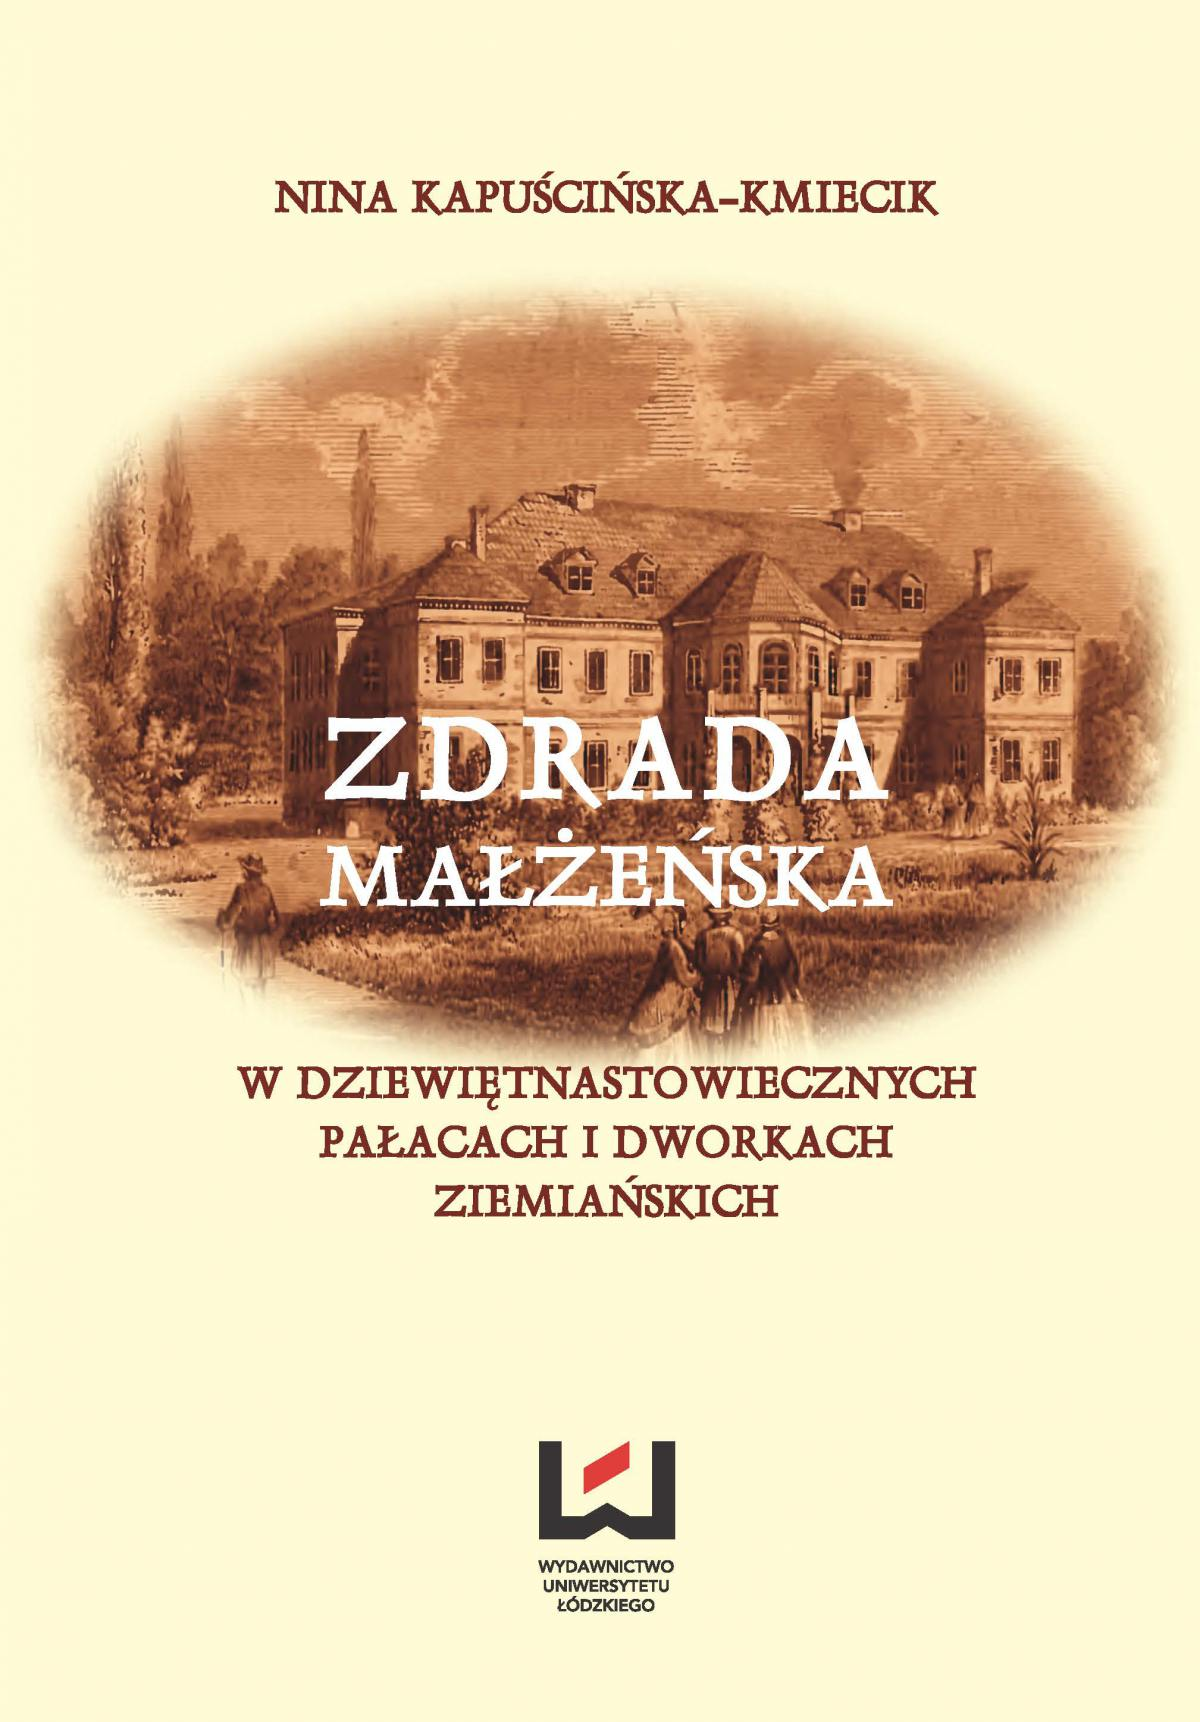 Zdrada małżeńska w dziewiętnastowiecznych pałacach i dworach ziemiańskich - Ebook (Książka PDF) do pobrania w formacie PDF